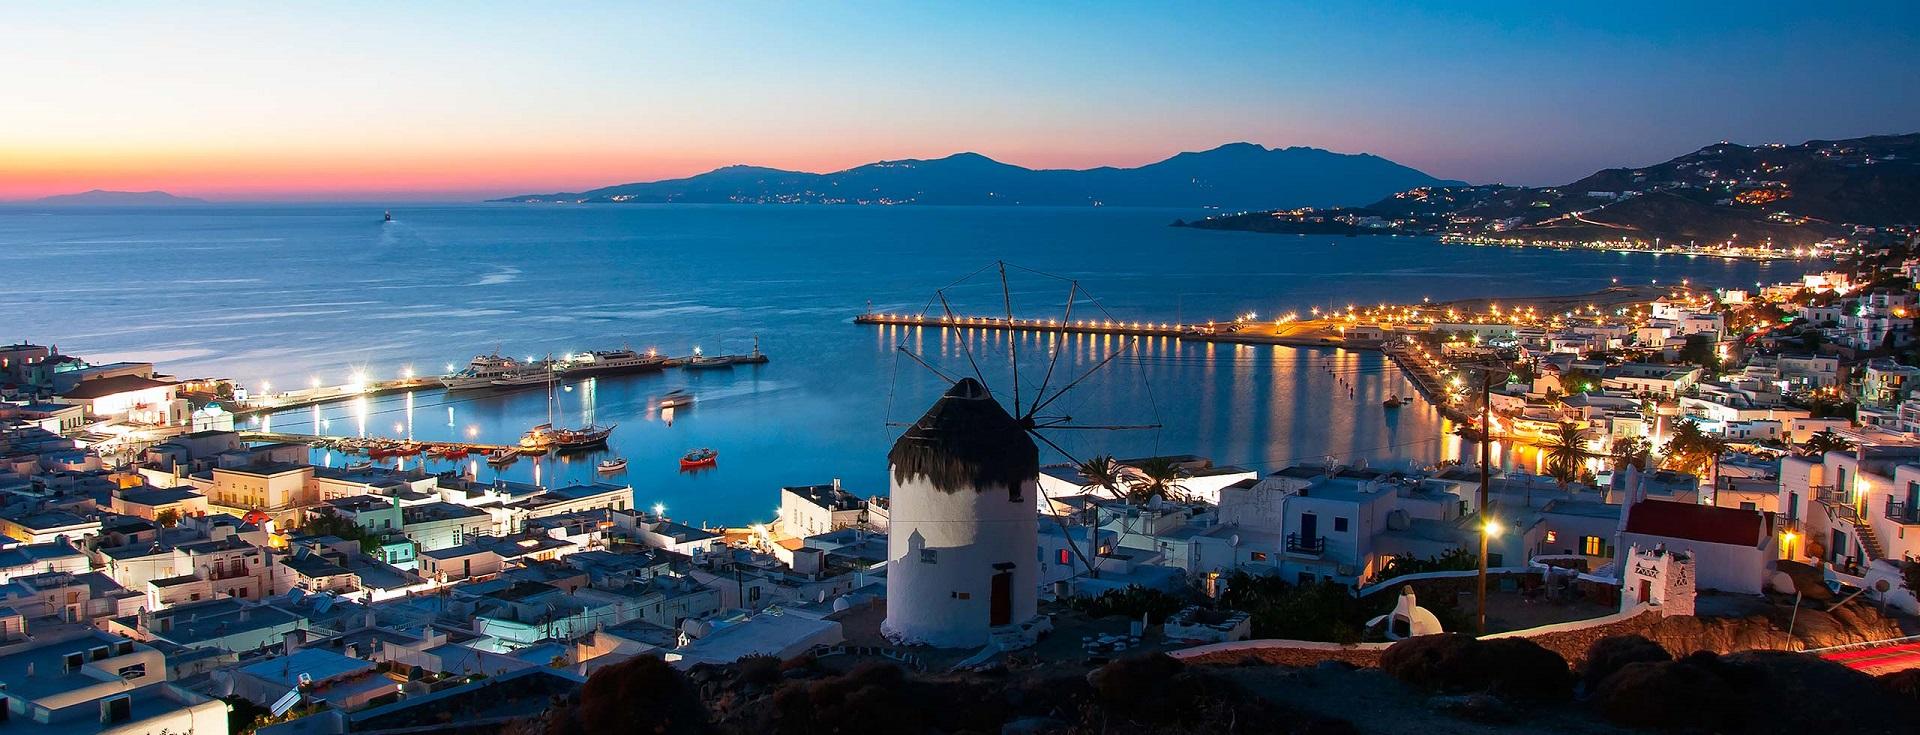 Cose da vedere a Mykonos